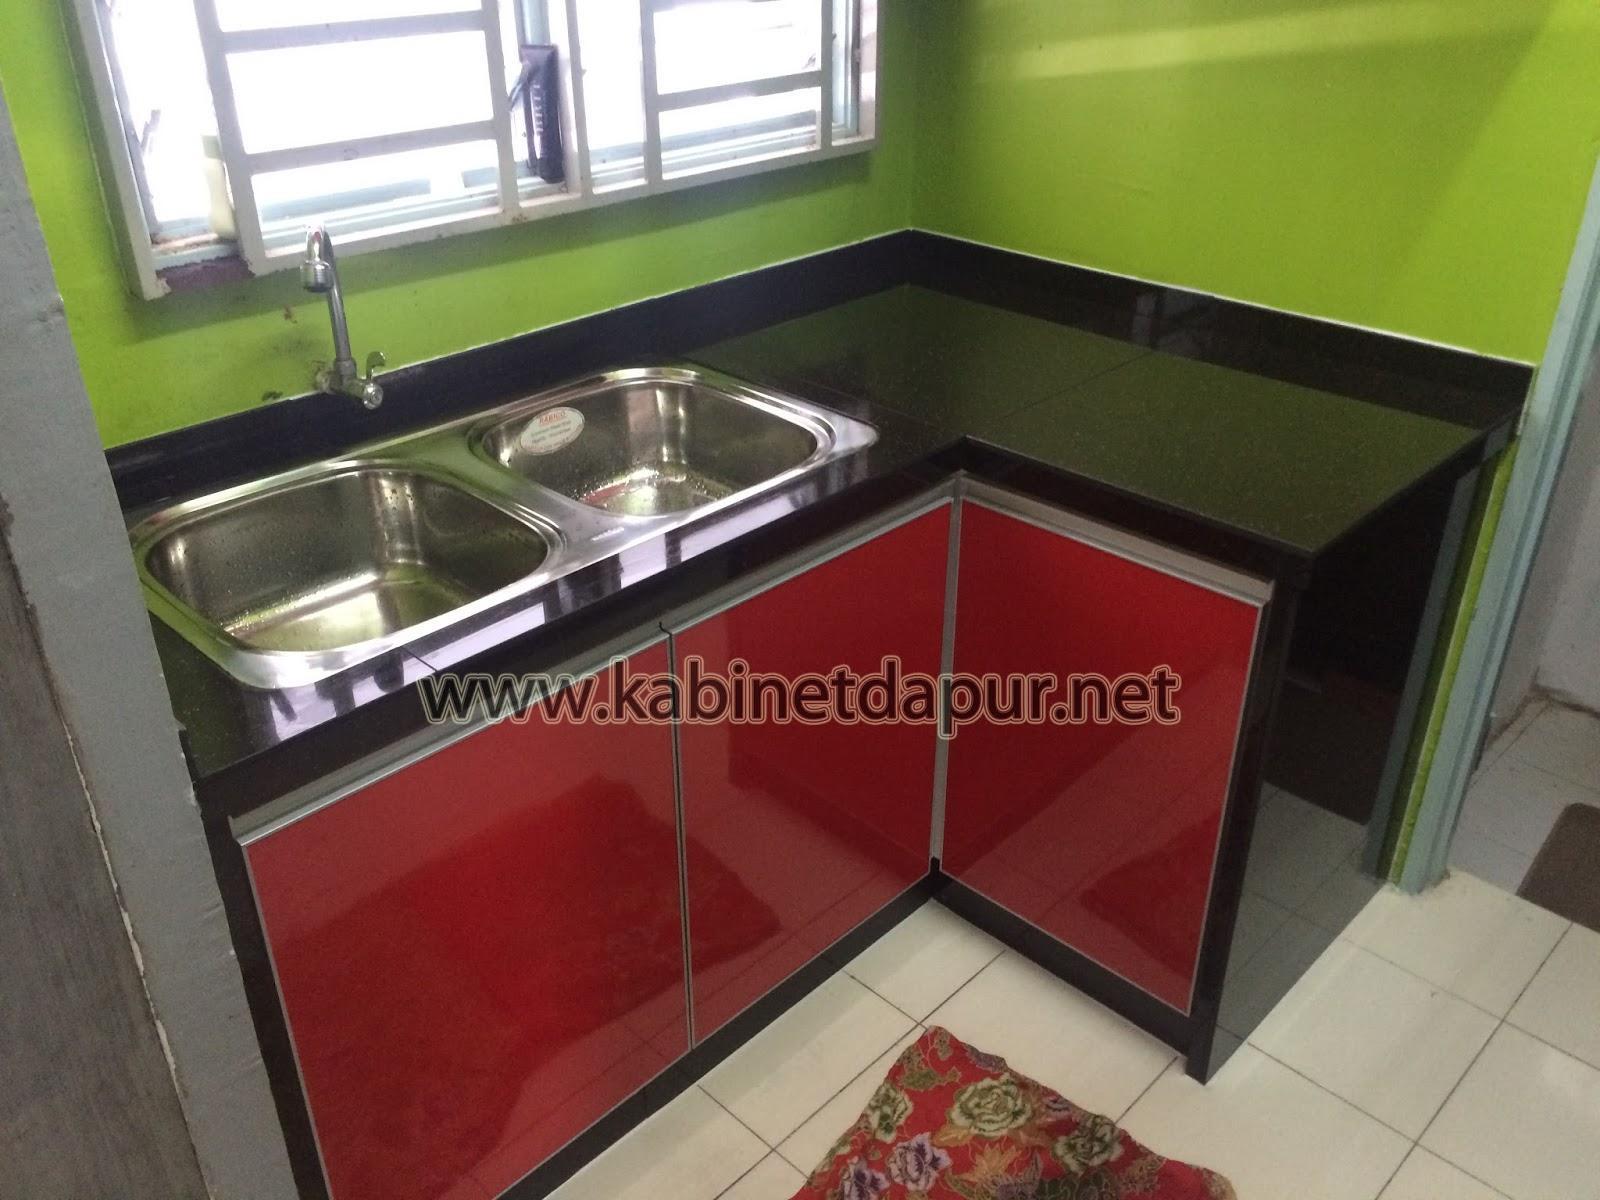 Projek Kabinet Dapur Aluminium Di Flat Dato Bar Tel 0124934710 En